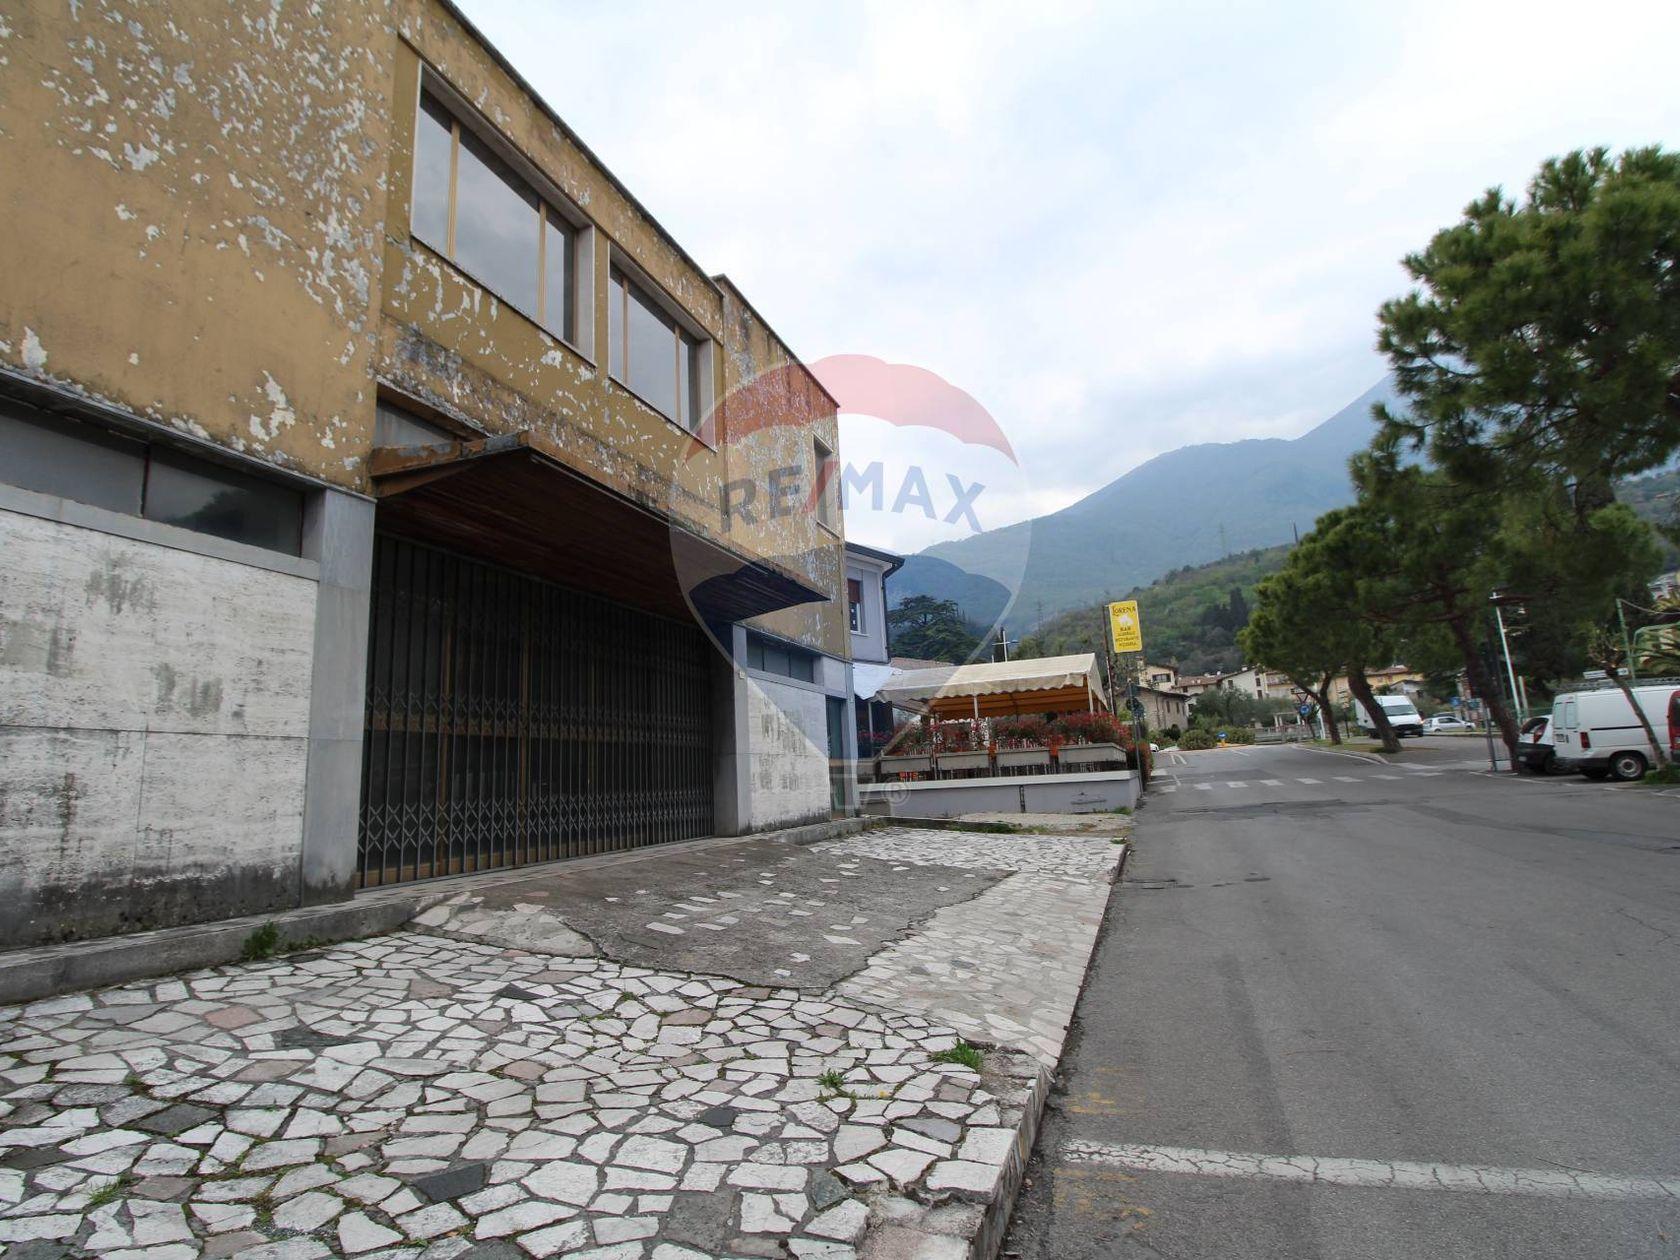 Locale Commerciale Toscolano-Maderno, BS Vendita - Foto 3